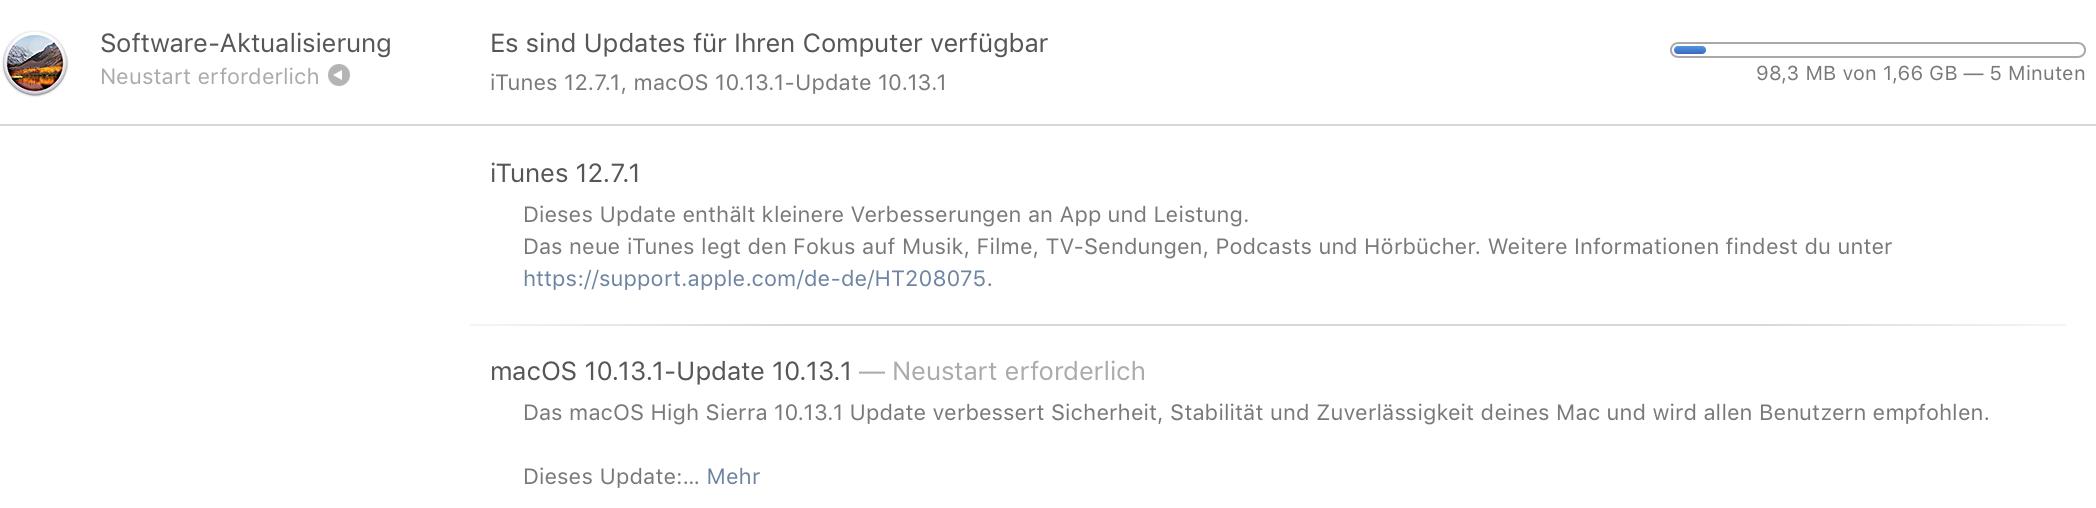 macOS 10.13.1 veröffentlicht-bildschirmfoto-2017-10-31-um-18.23.47.png